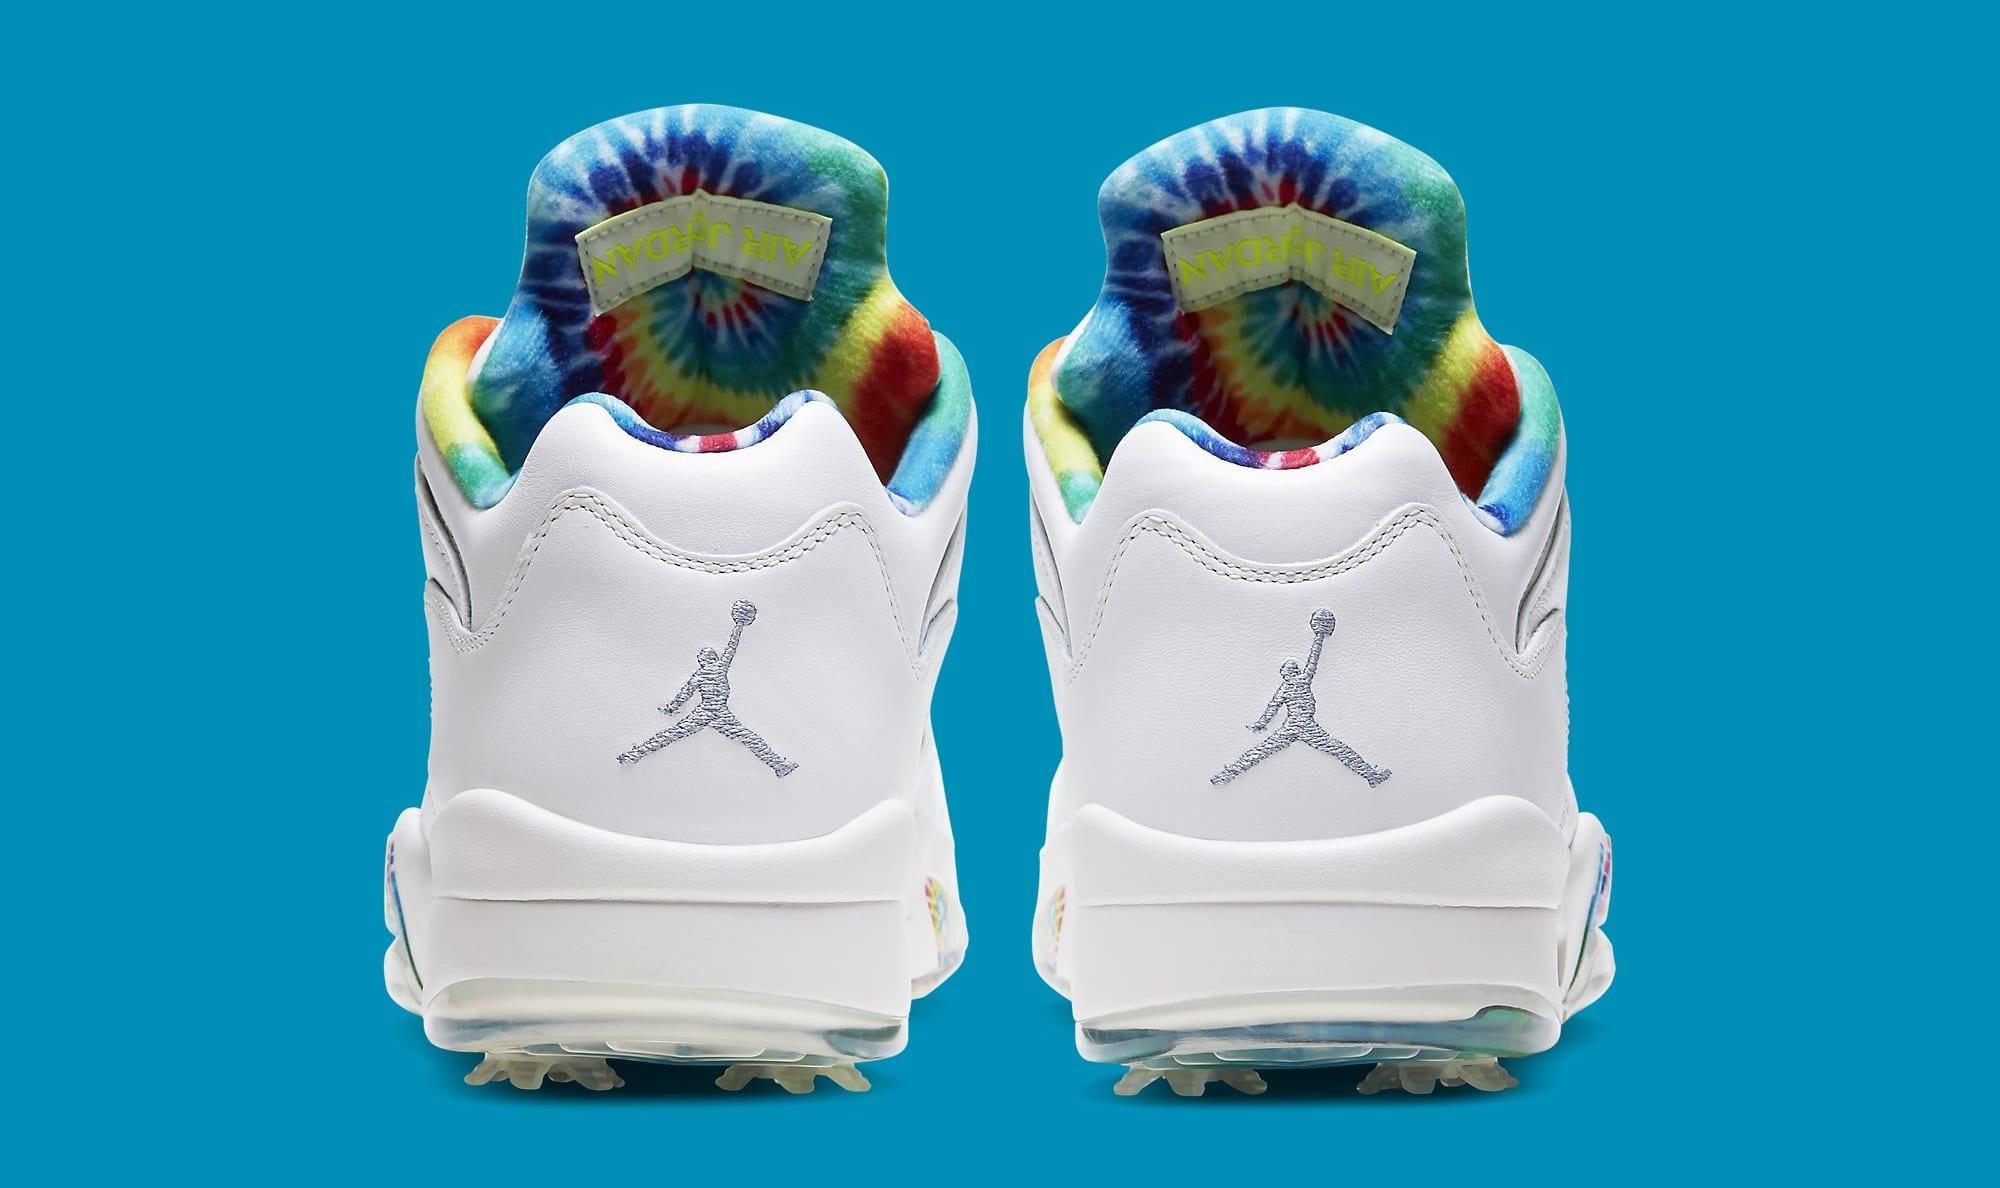 Air Jordan 5 Golf 'Tie-Dye' CW4205-100 Heel